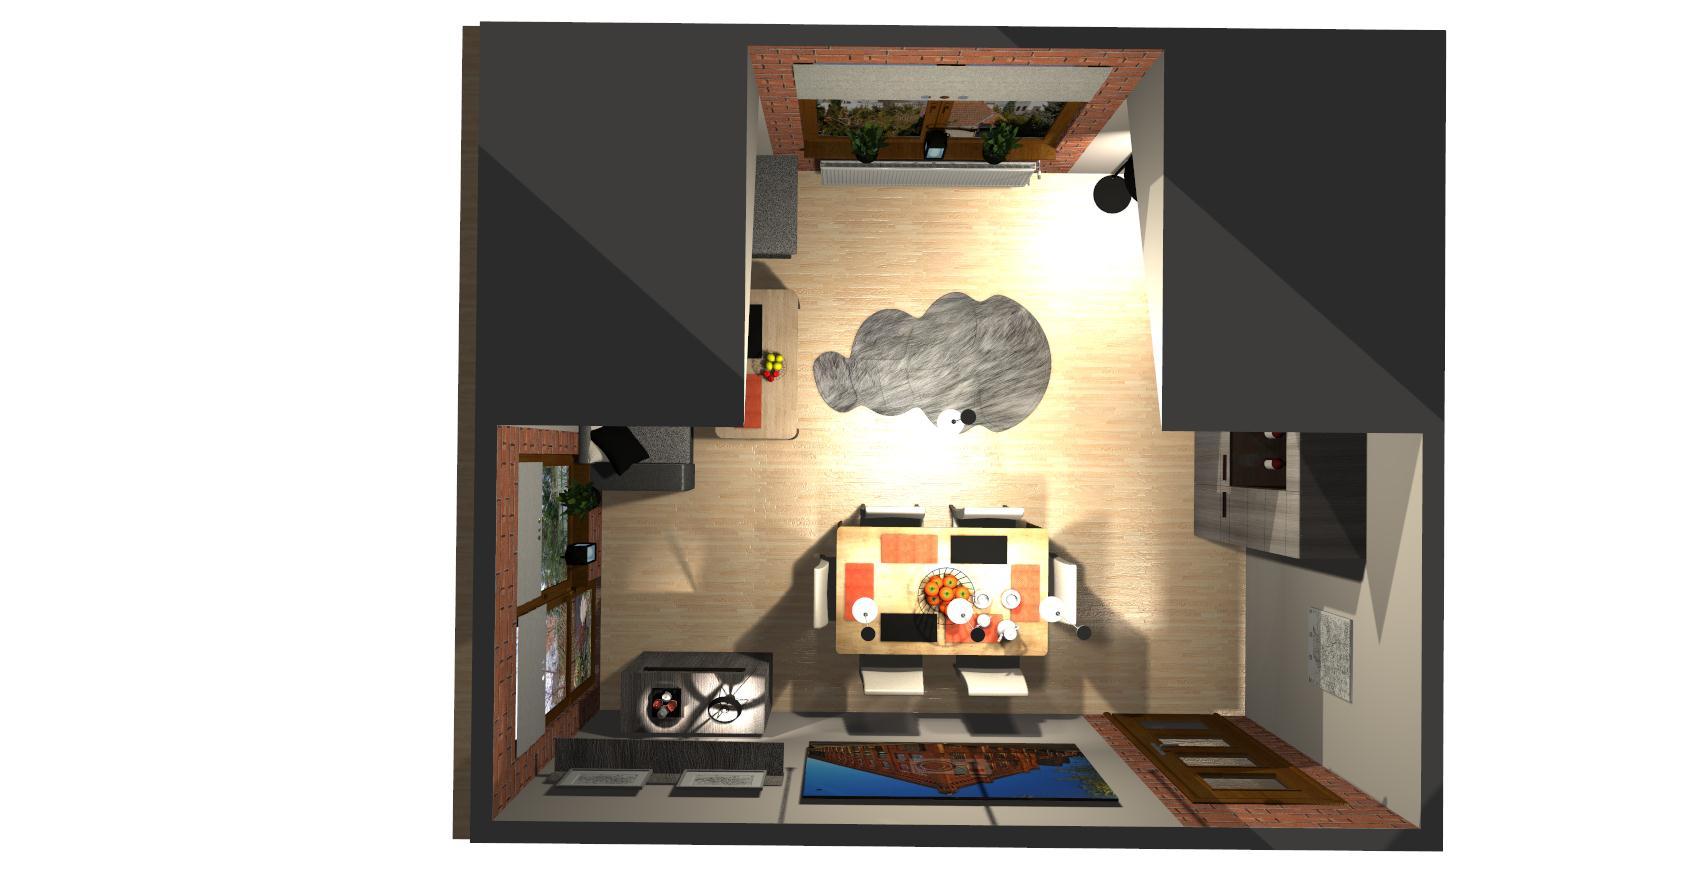 Salon Grocika 26 - Salon w stylu industrialnym